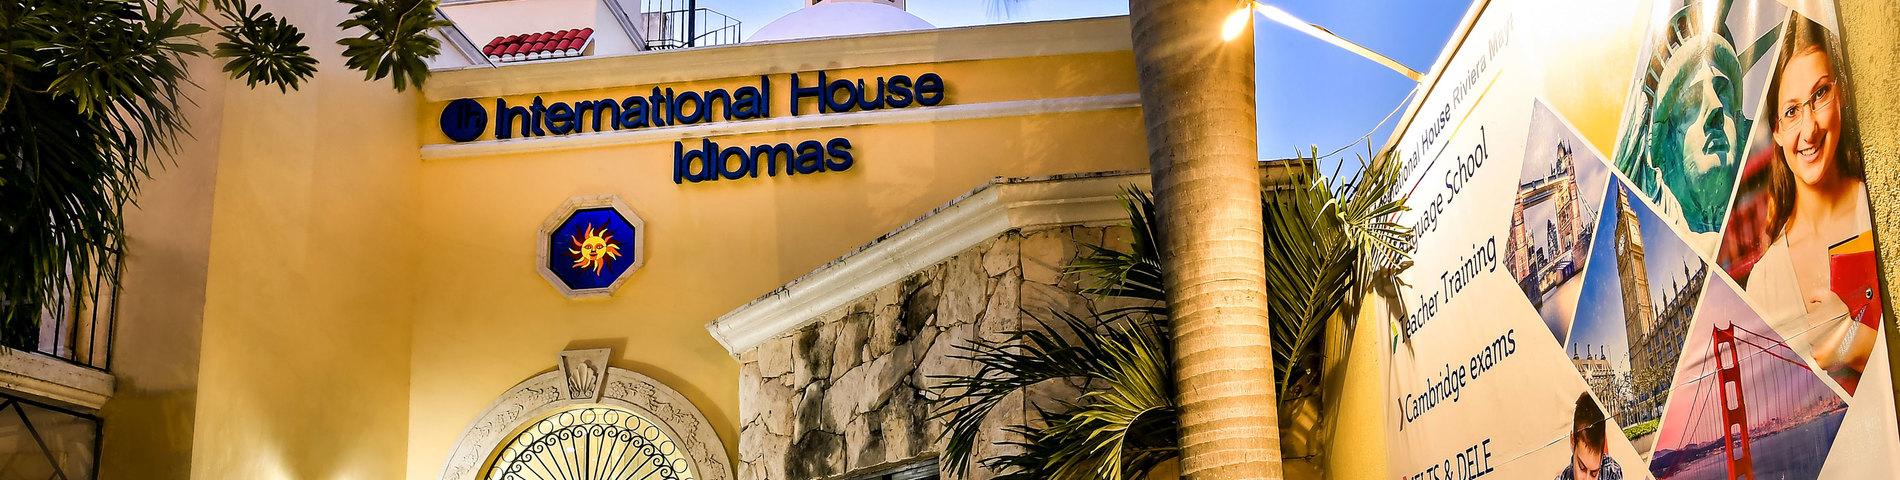 International House - Riviera Maya foto 1